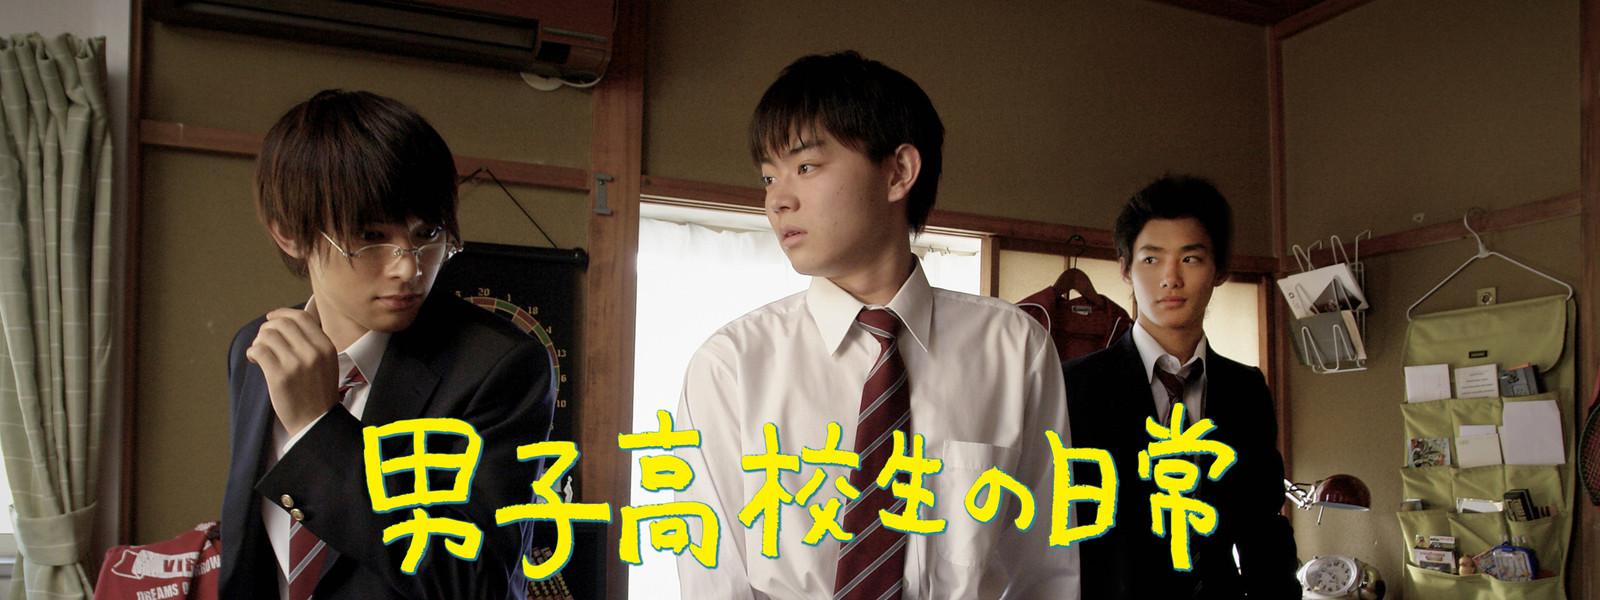 「男子高校生の日常」の映画とアニメはどれで配信してる?